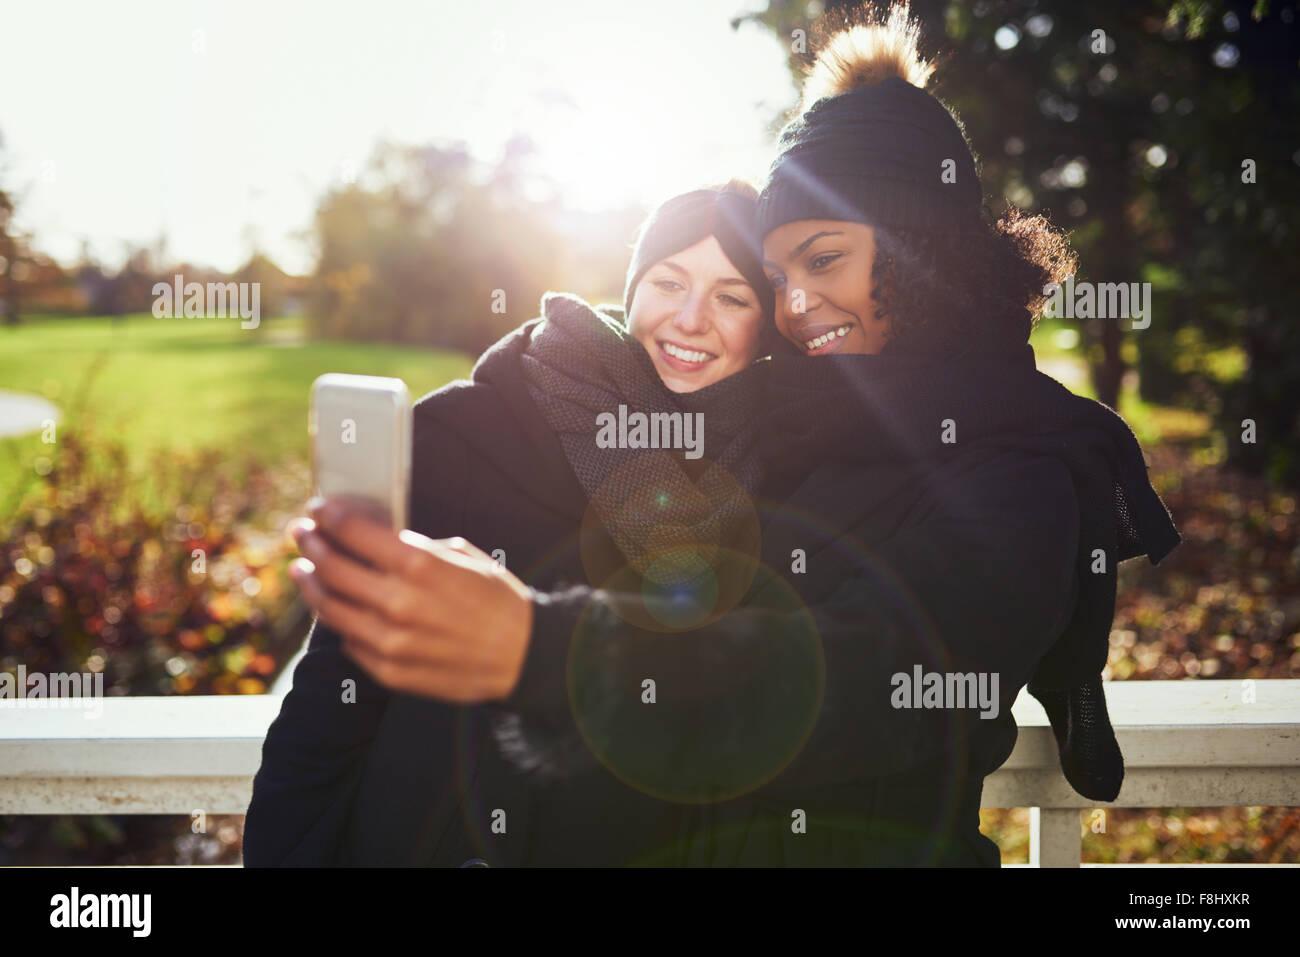 Zwei lächelnde junge Frauen, die vor der herbstlichen Park selfie Stockbild